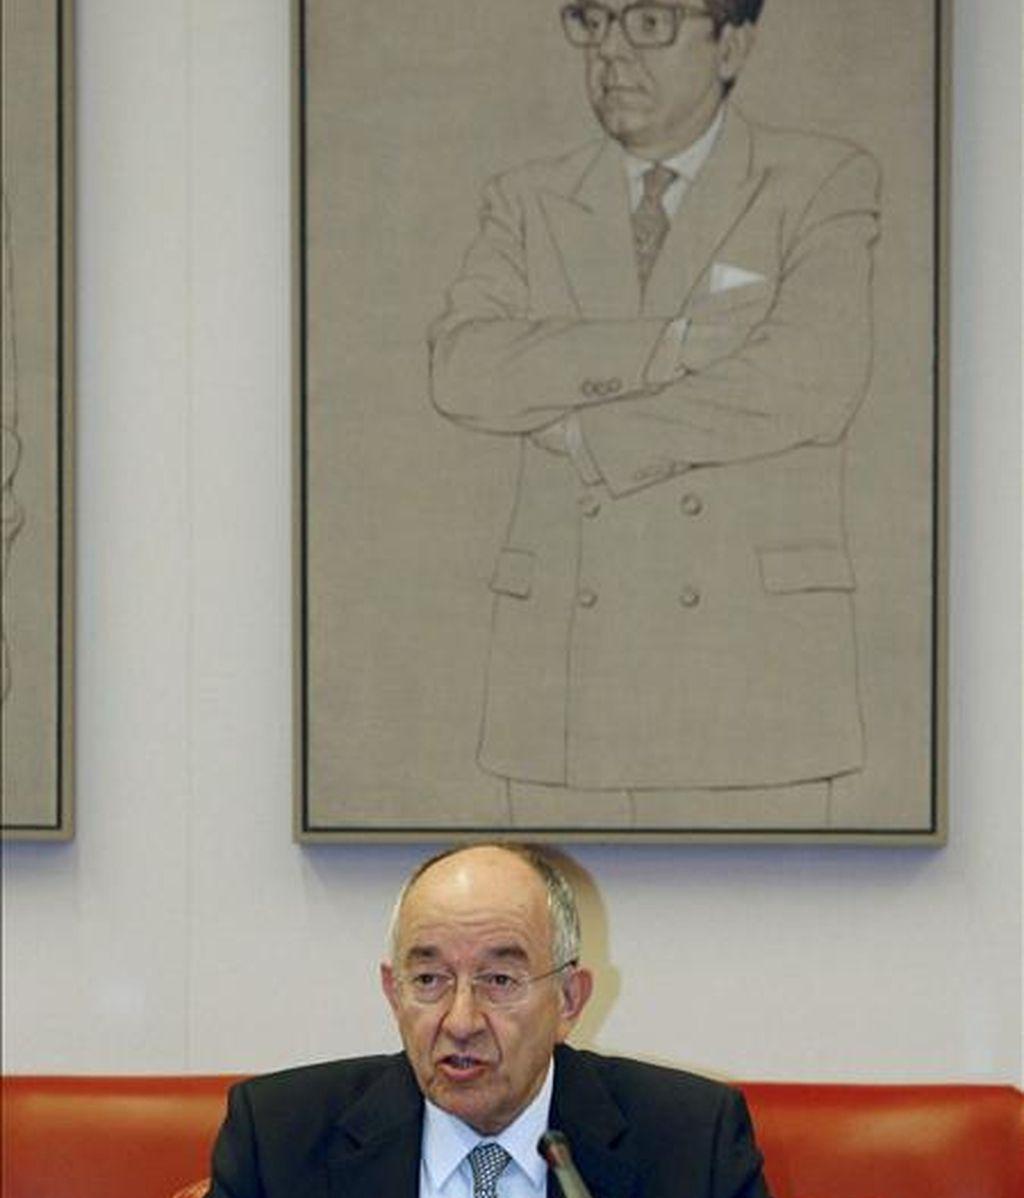 El gobernador del Banco de España, Miguel Ángel Fernández Ordóñez, durante su comparecencia ayer en la Comisión de Presupuestos del Congreso. EFE/Archivo